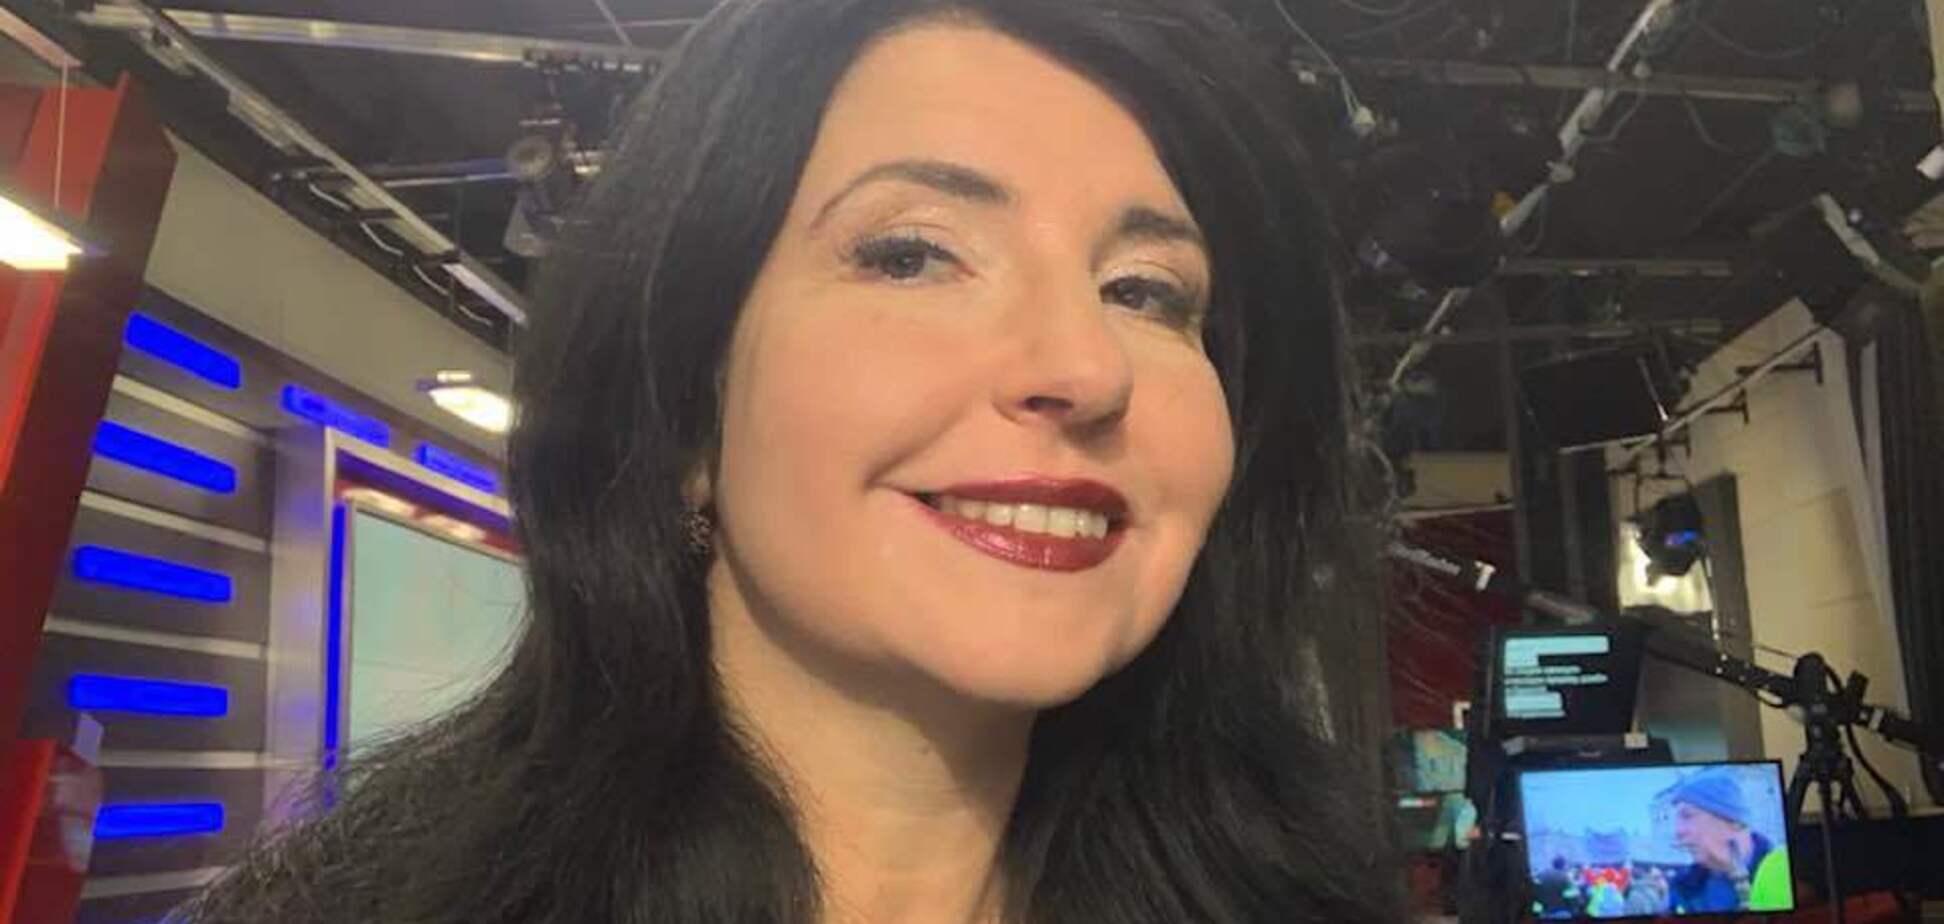 ''Идите отсюда, свободны!'' Украинскую журналистку со скандалом выгнали из студии росТВ